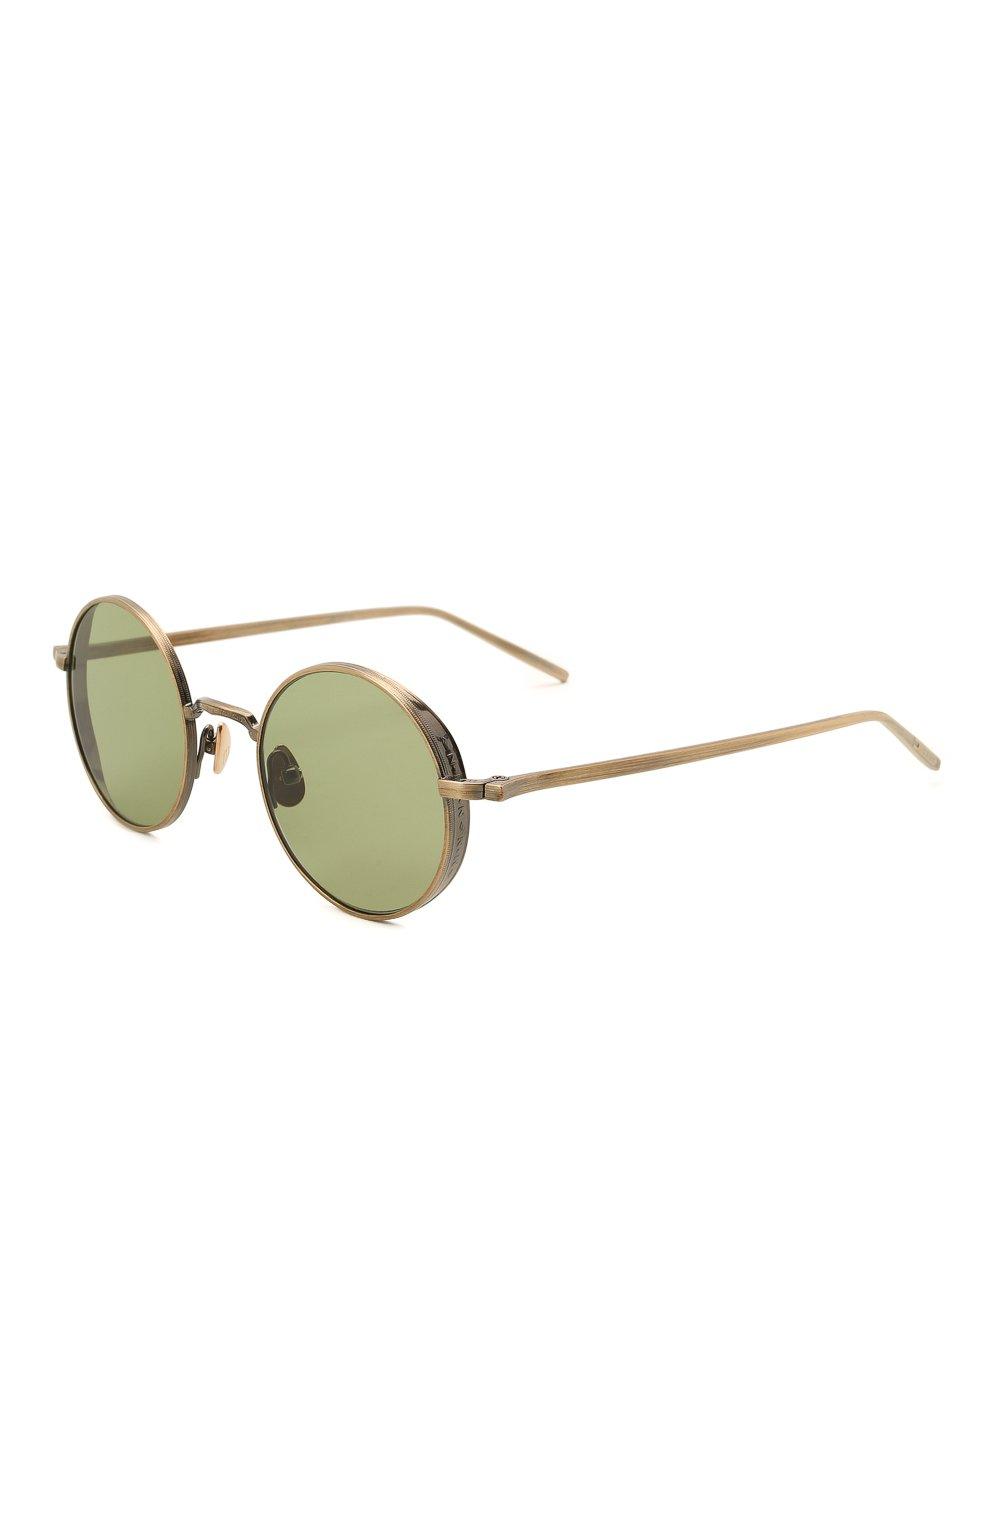 Женские солнцезащитные очки MATSUDA золотого цвета, арт. M3087 AG   Фото 1 (Тип очков: С/з; Очки форма: Круглые; Оптика Гендер: оптика-унисекс)